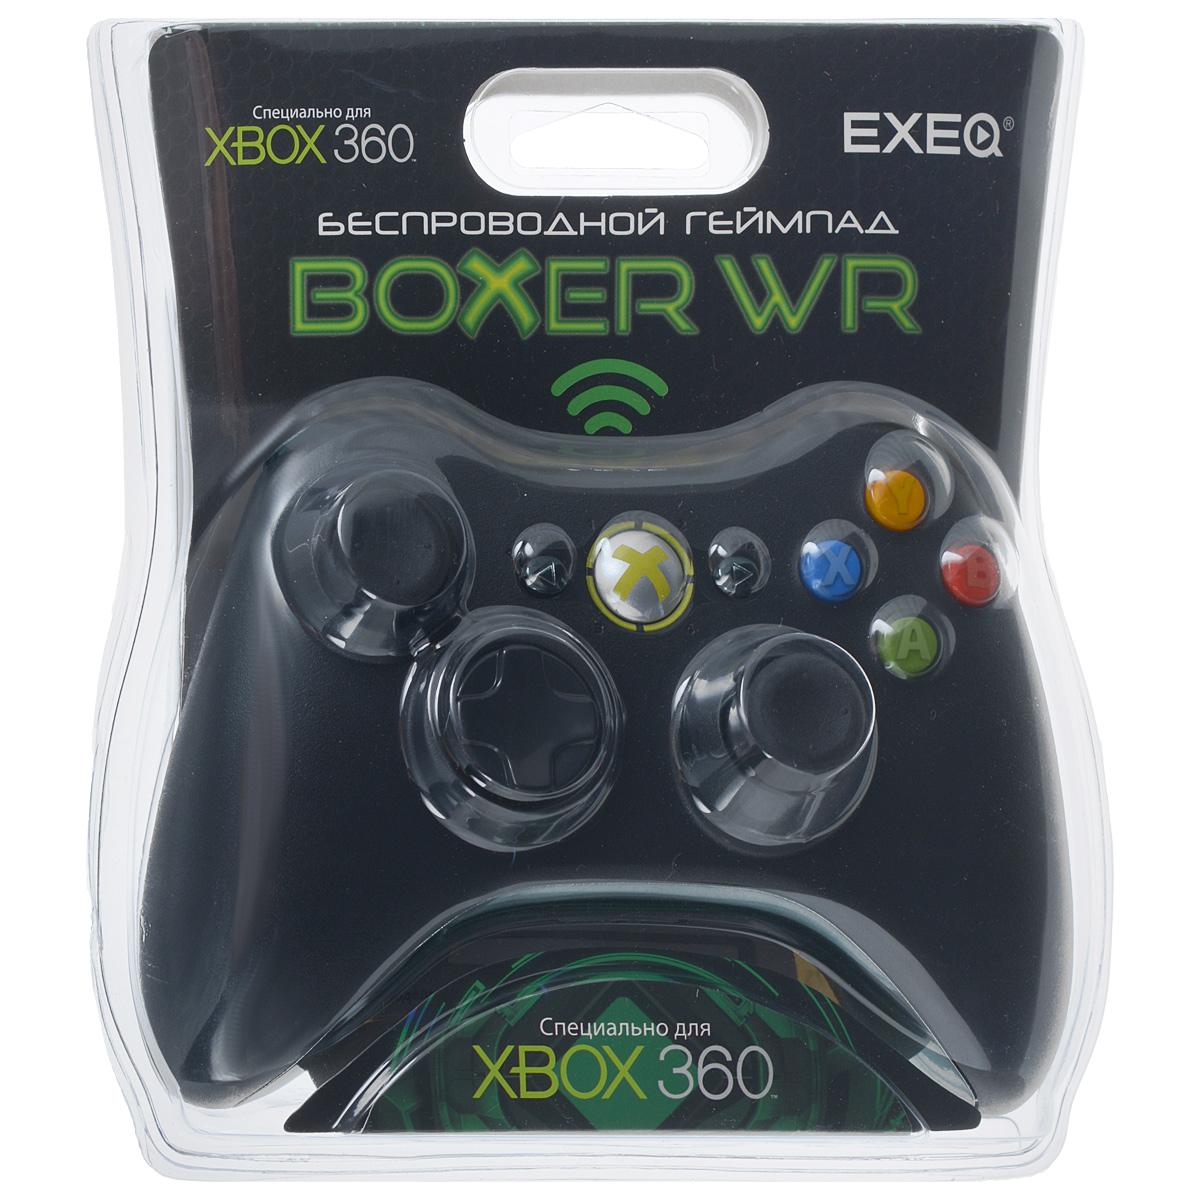 EXEQ Boxer WR беспроводной геймпад для Xbox 360eq-360-02130Беспроводной геймпад EXEQ Boxer WR предназначен для использования с игровой консолью Xbox360 от компании Microsoft. Классическая форма и специальное покрытие «Grip Surface» обеспечат комфорт и снизят усталость рук во время игры. Обратная связь и эффект двойной вибрации придадут реалистичности и создадут множество приятных ощущений от игры. 2 аналоговых джойстика адаптированы для игр с высокой интенсивностью движений и изготовлены из специального материала «Soft Rubber», предотвращающего соскальзывание пальцев во время продолжительного вращения.